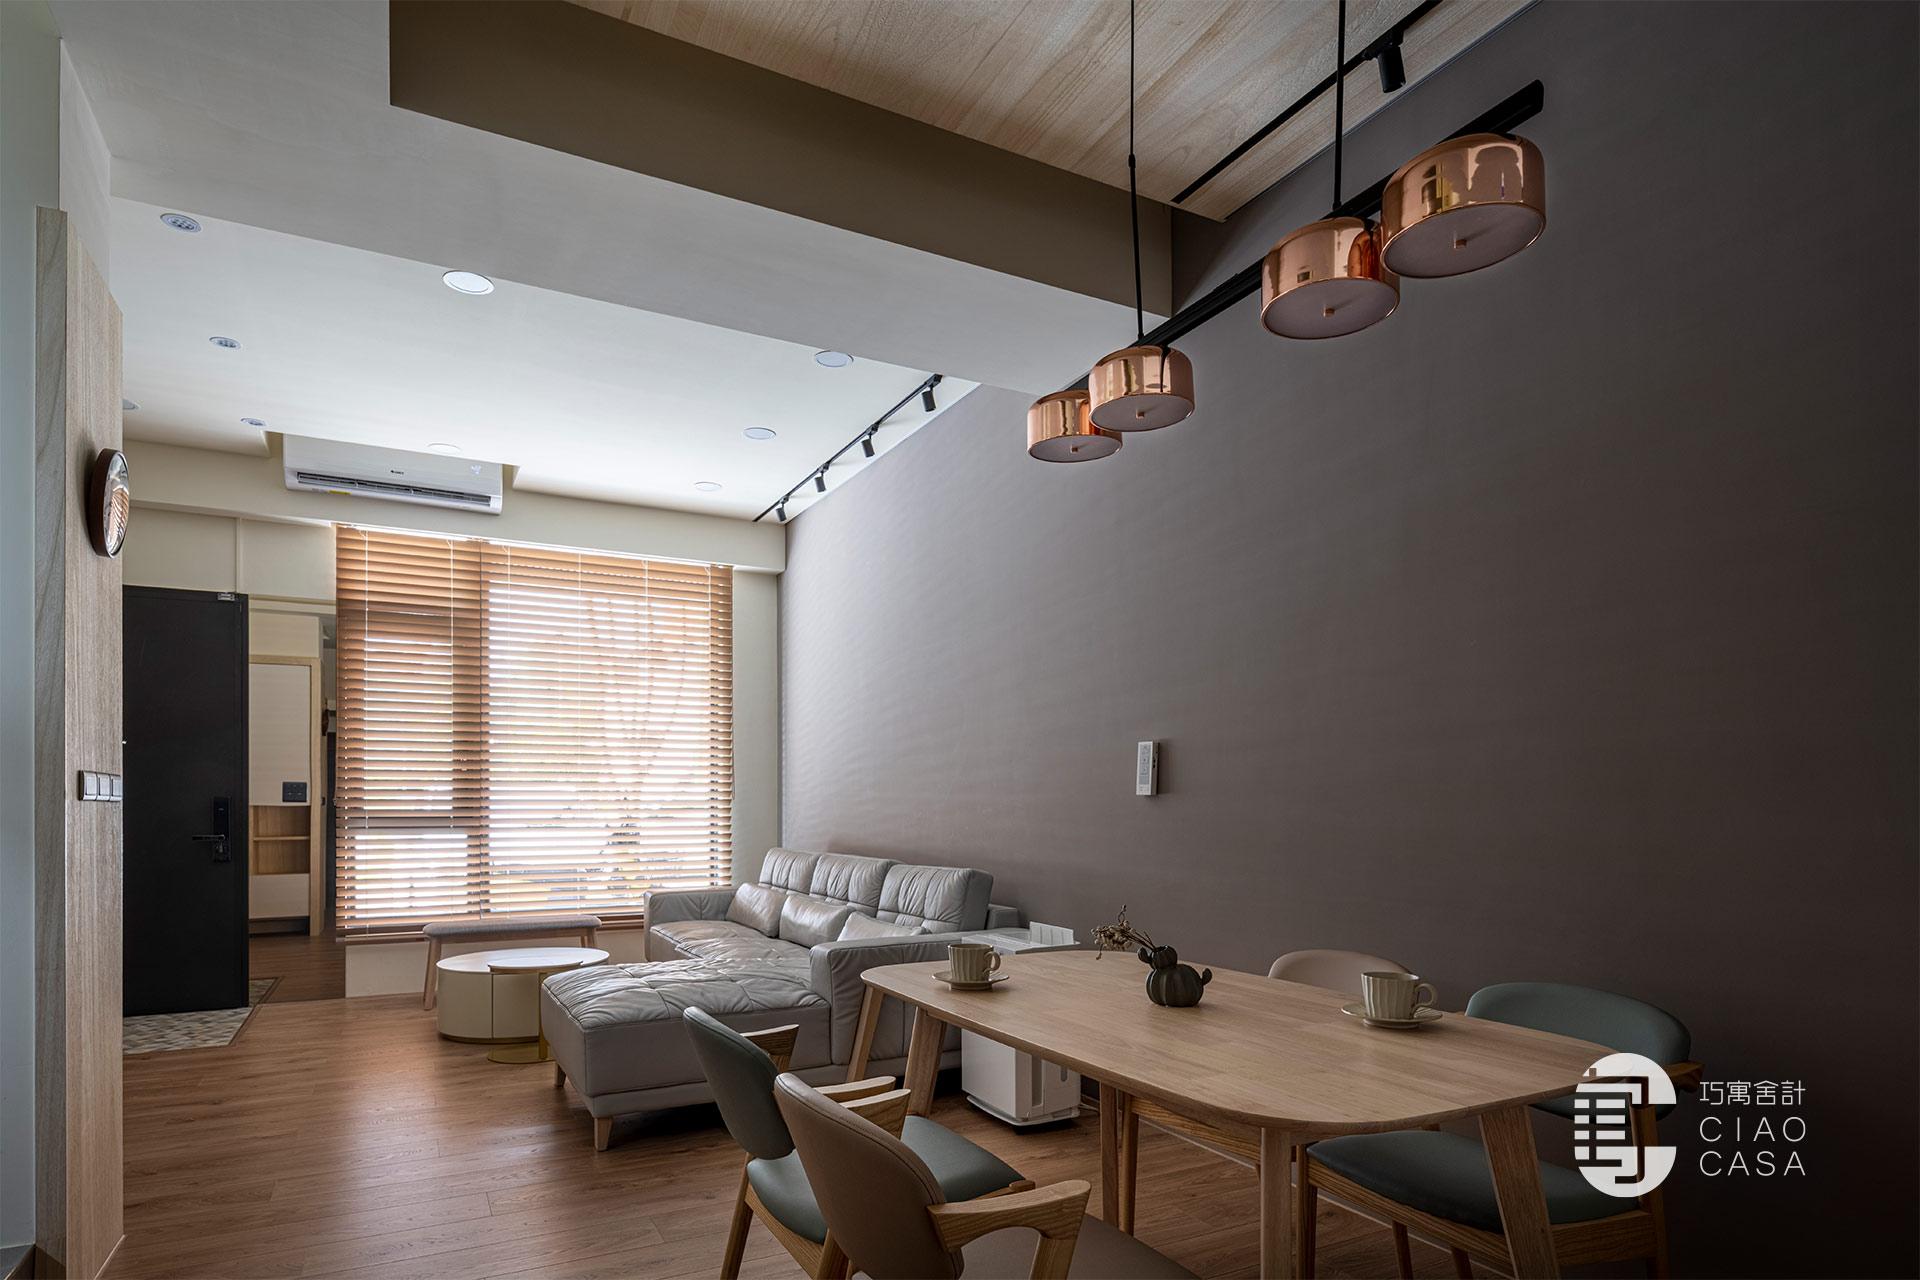 輕巧北歐風|舒適宜居宅,室內設計